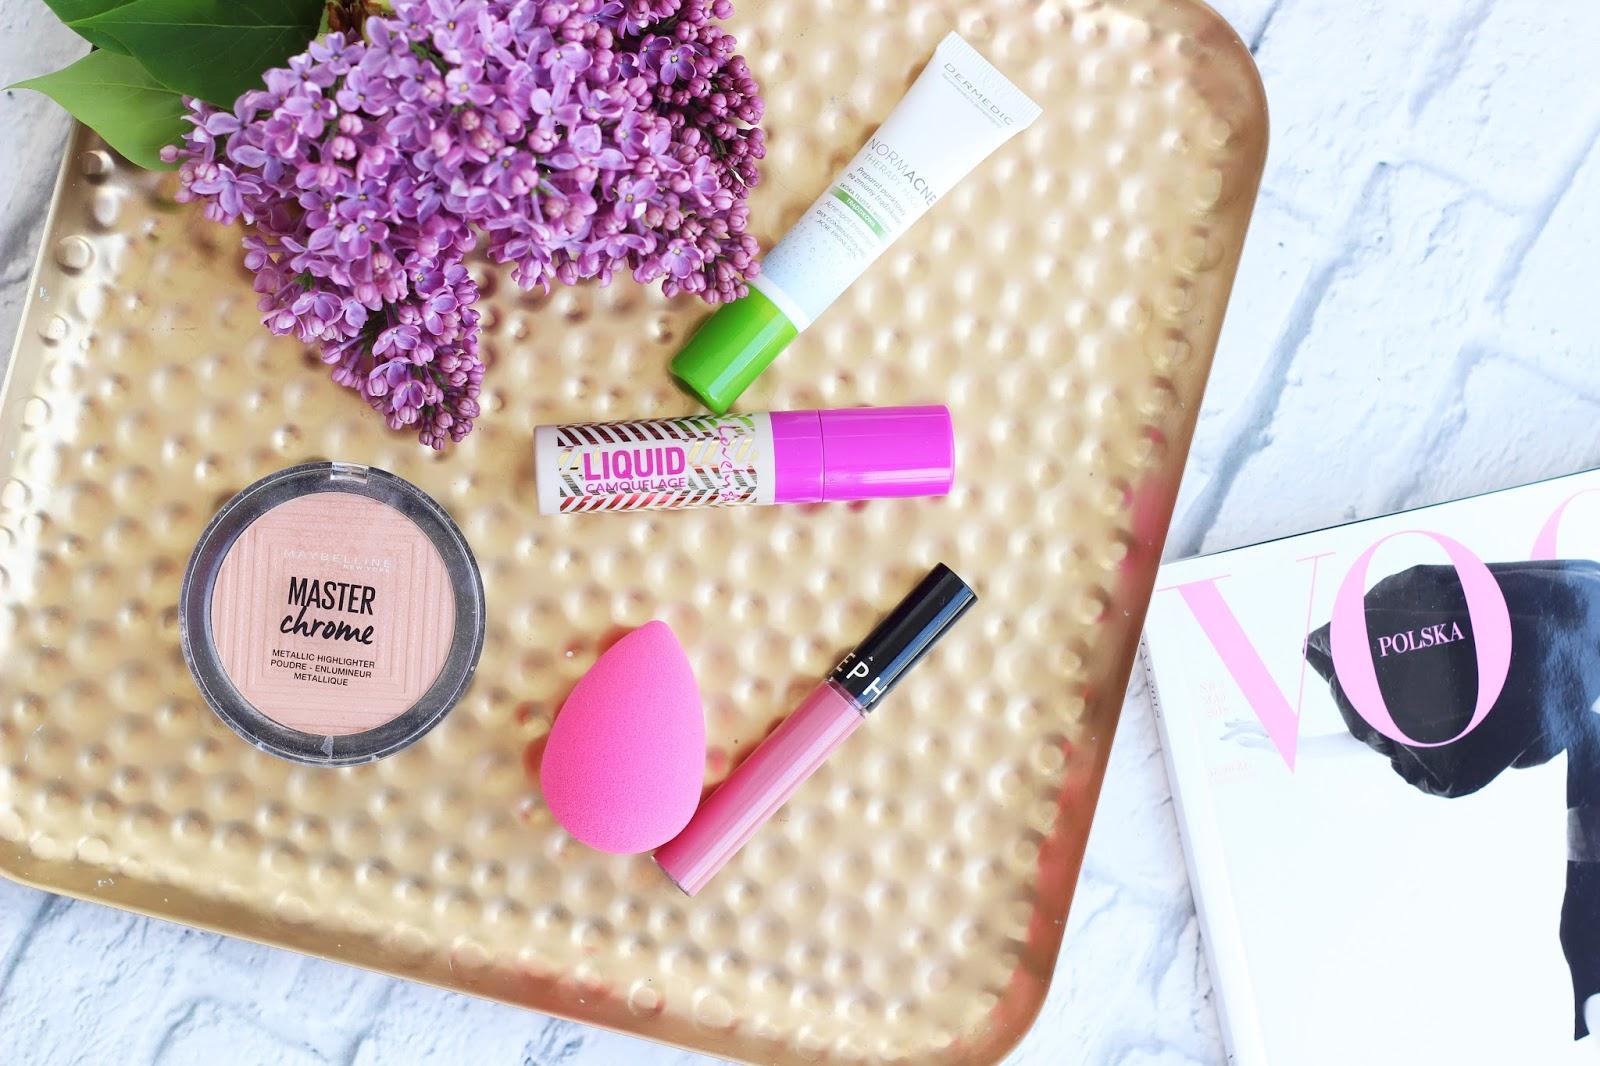 Ulubieńcy kwietnia - tani zamiennik BeautyBlender, dobrze kryjący korektor i sposób na szybkie pozbycie się pryszcza